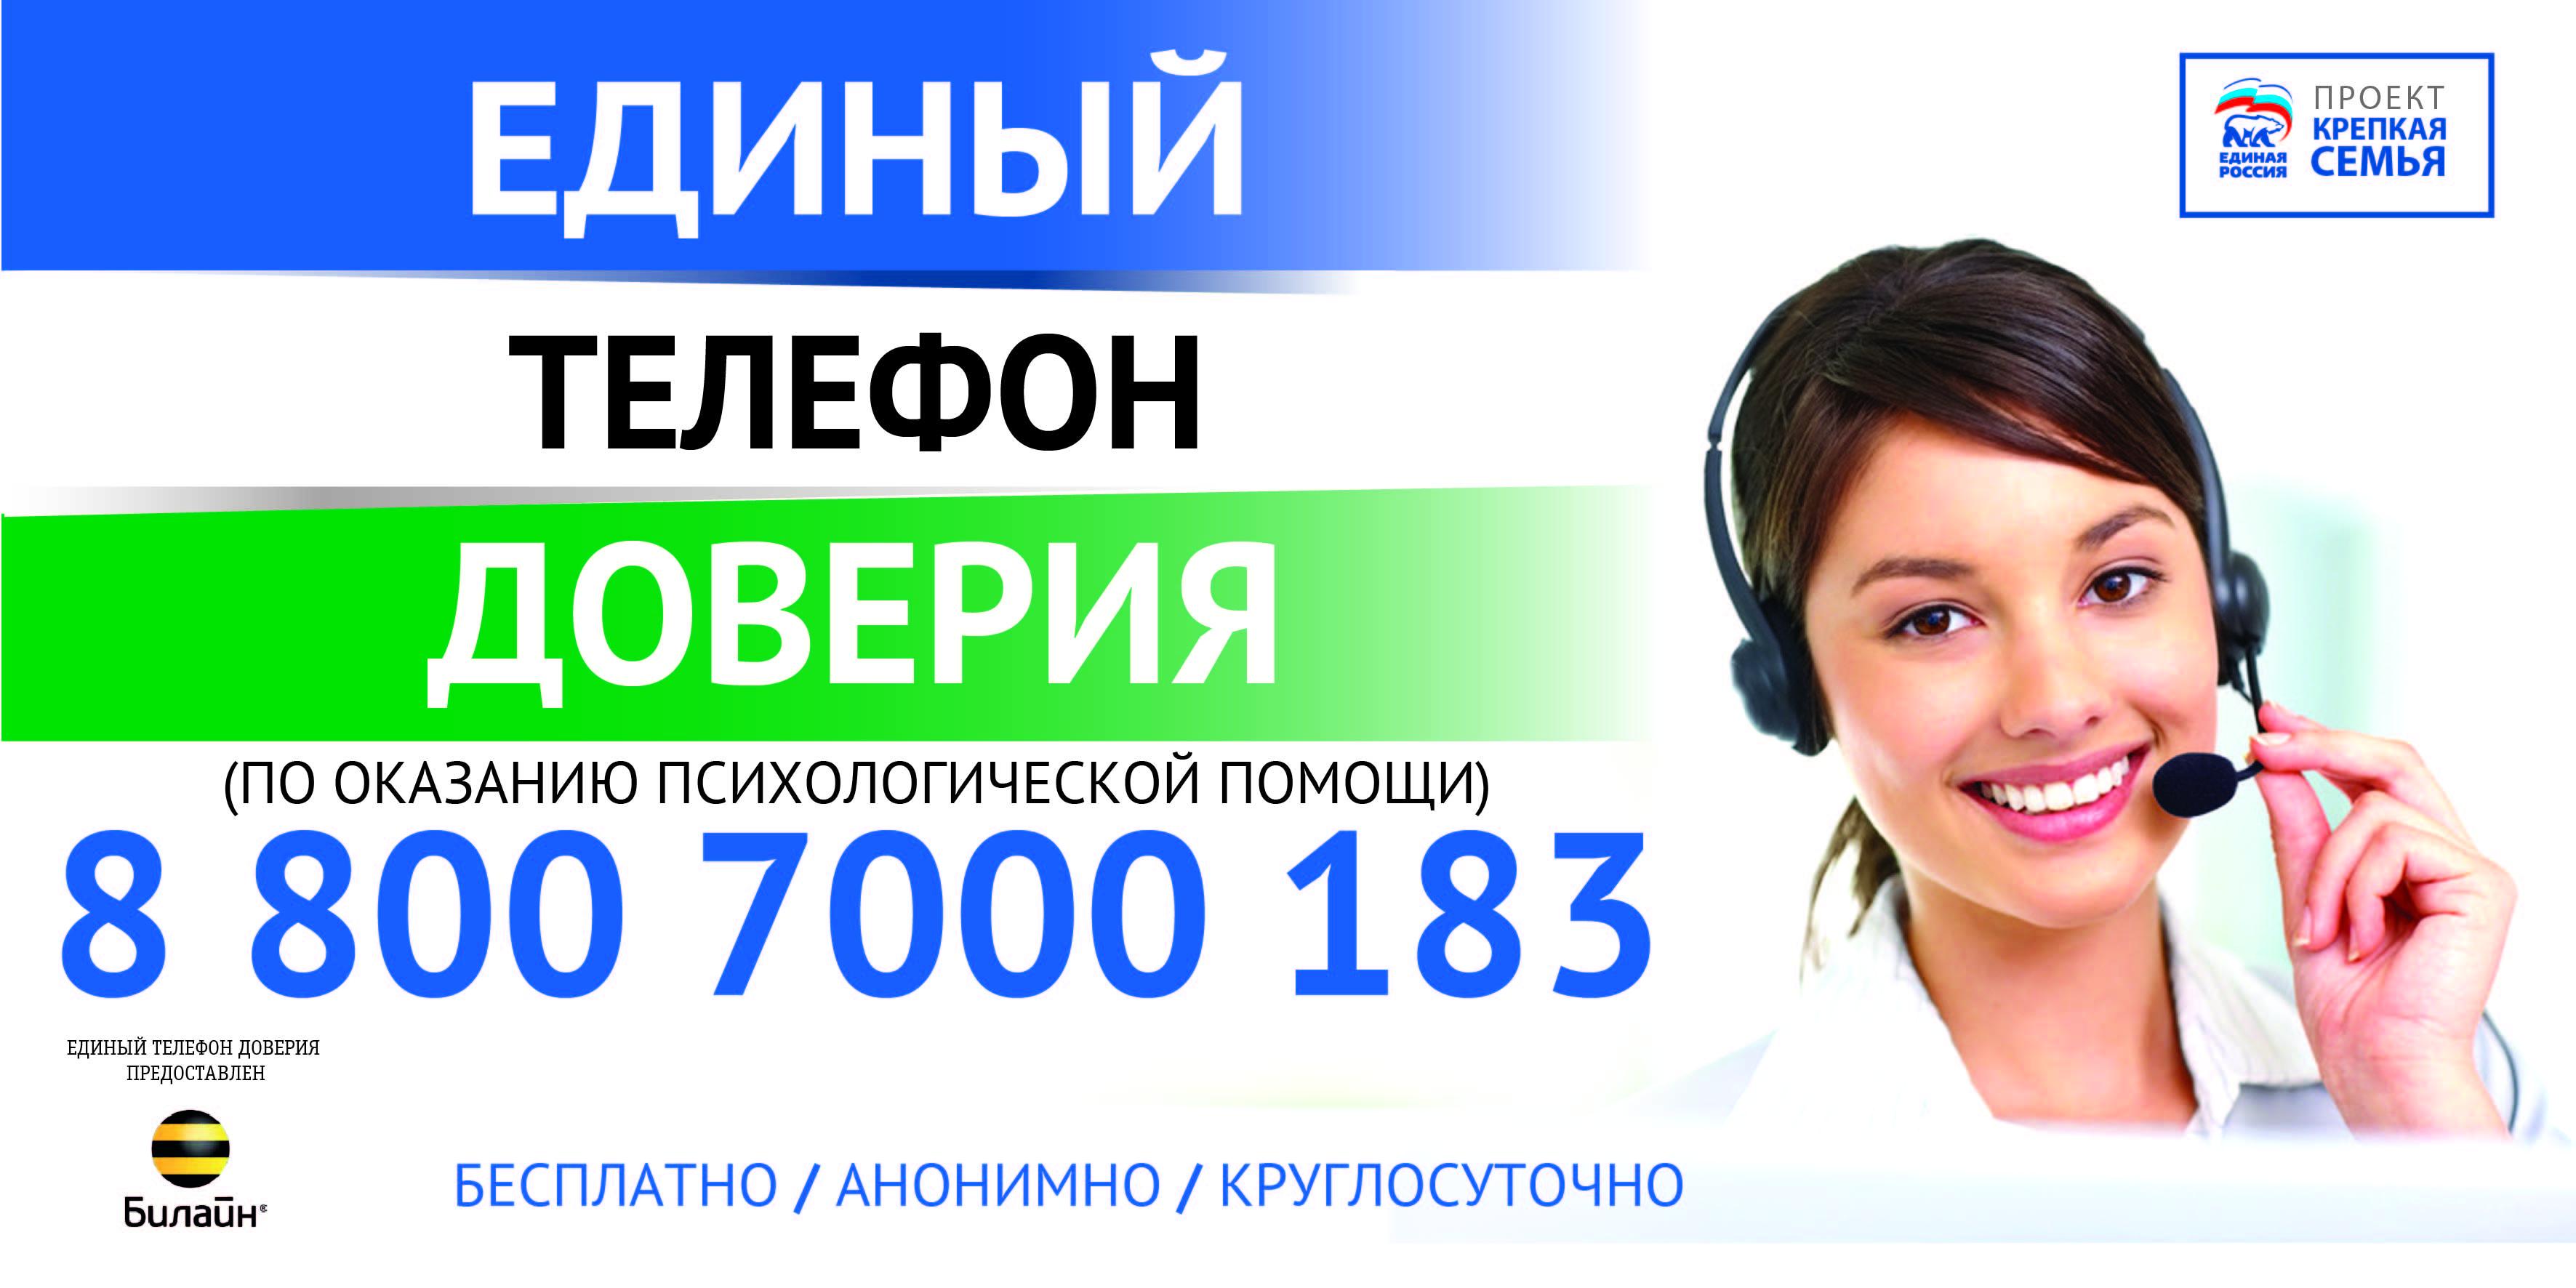 саморукова ирина павловна фото телефон